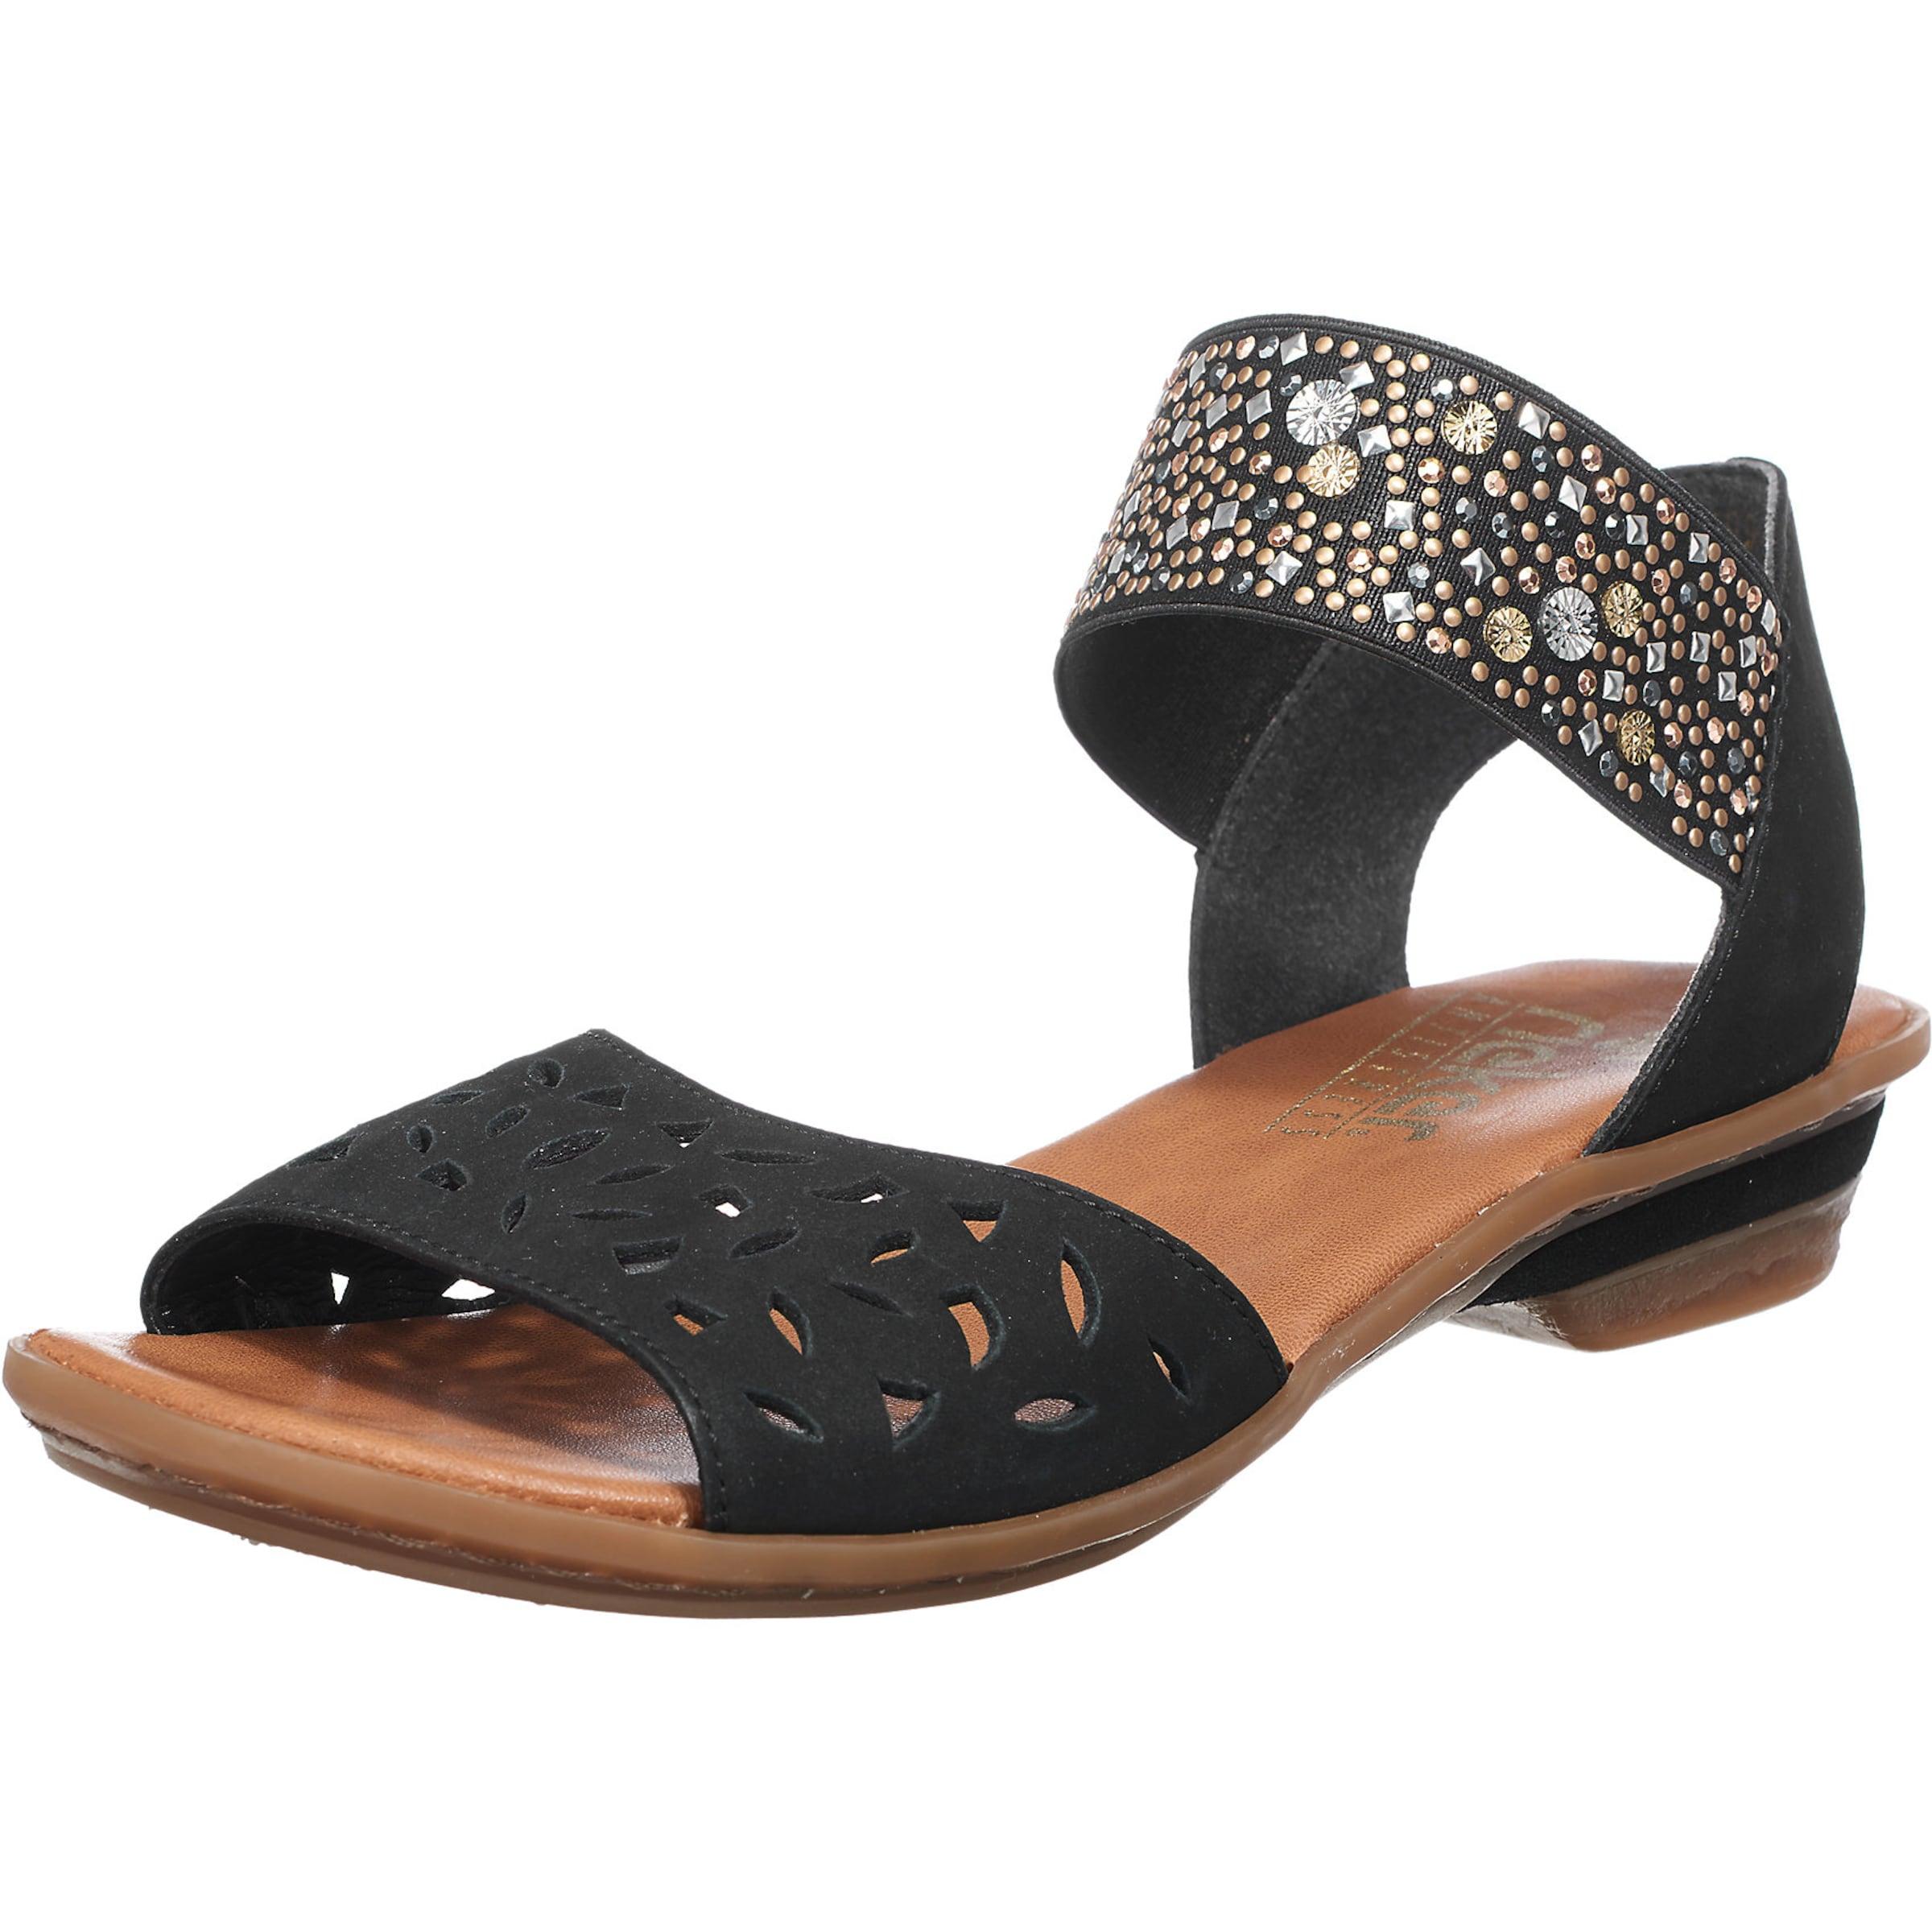 Bester Platz Billig Verkauf Sneakernews RIEKER Sandaletten Online Einkaufen Billig Verkaufen Pick Eine Beste Ebay KctaQps1